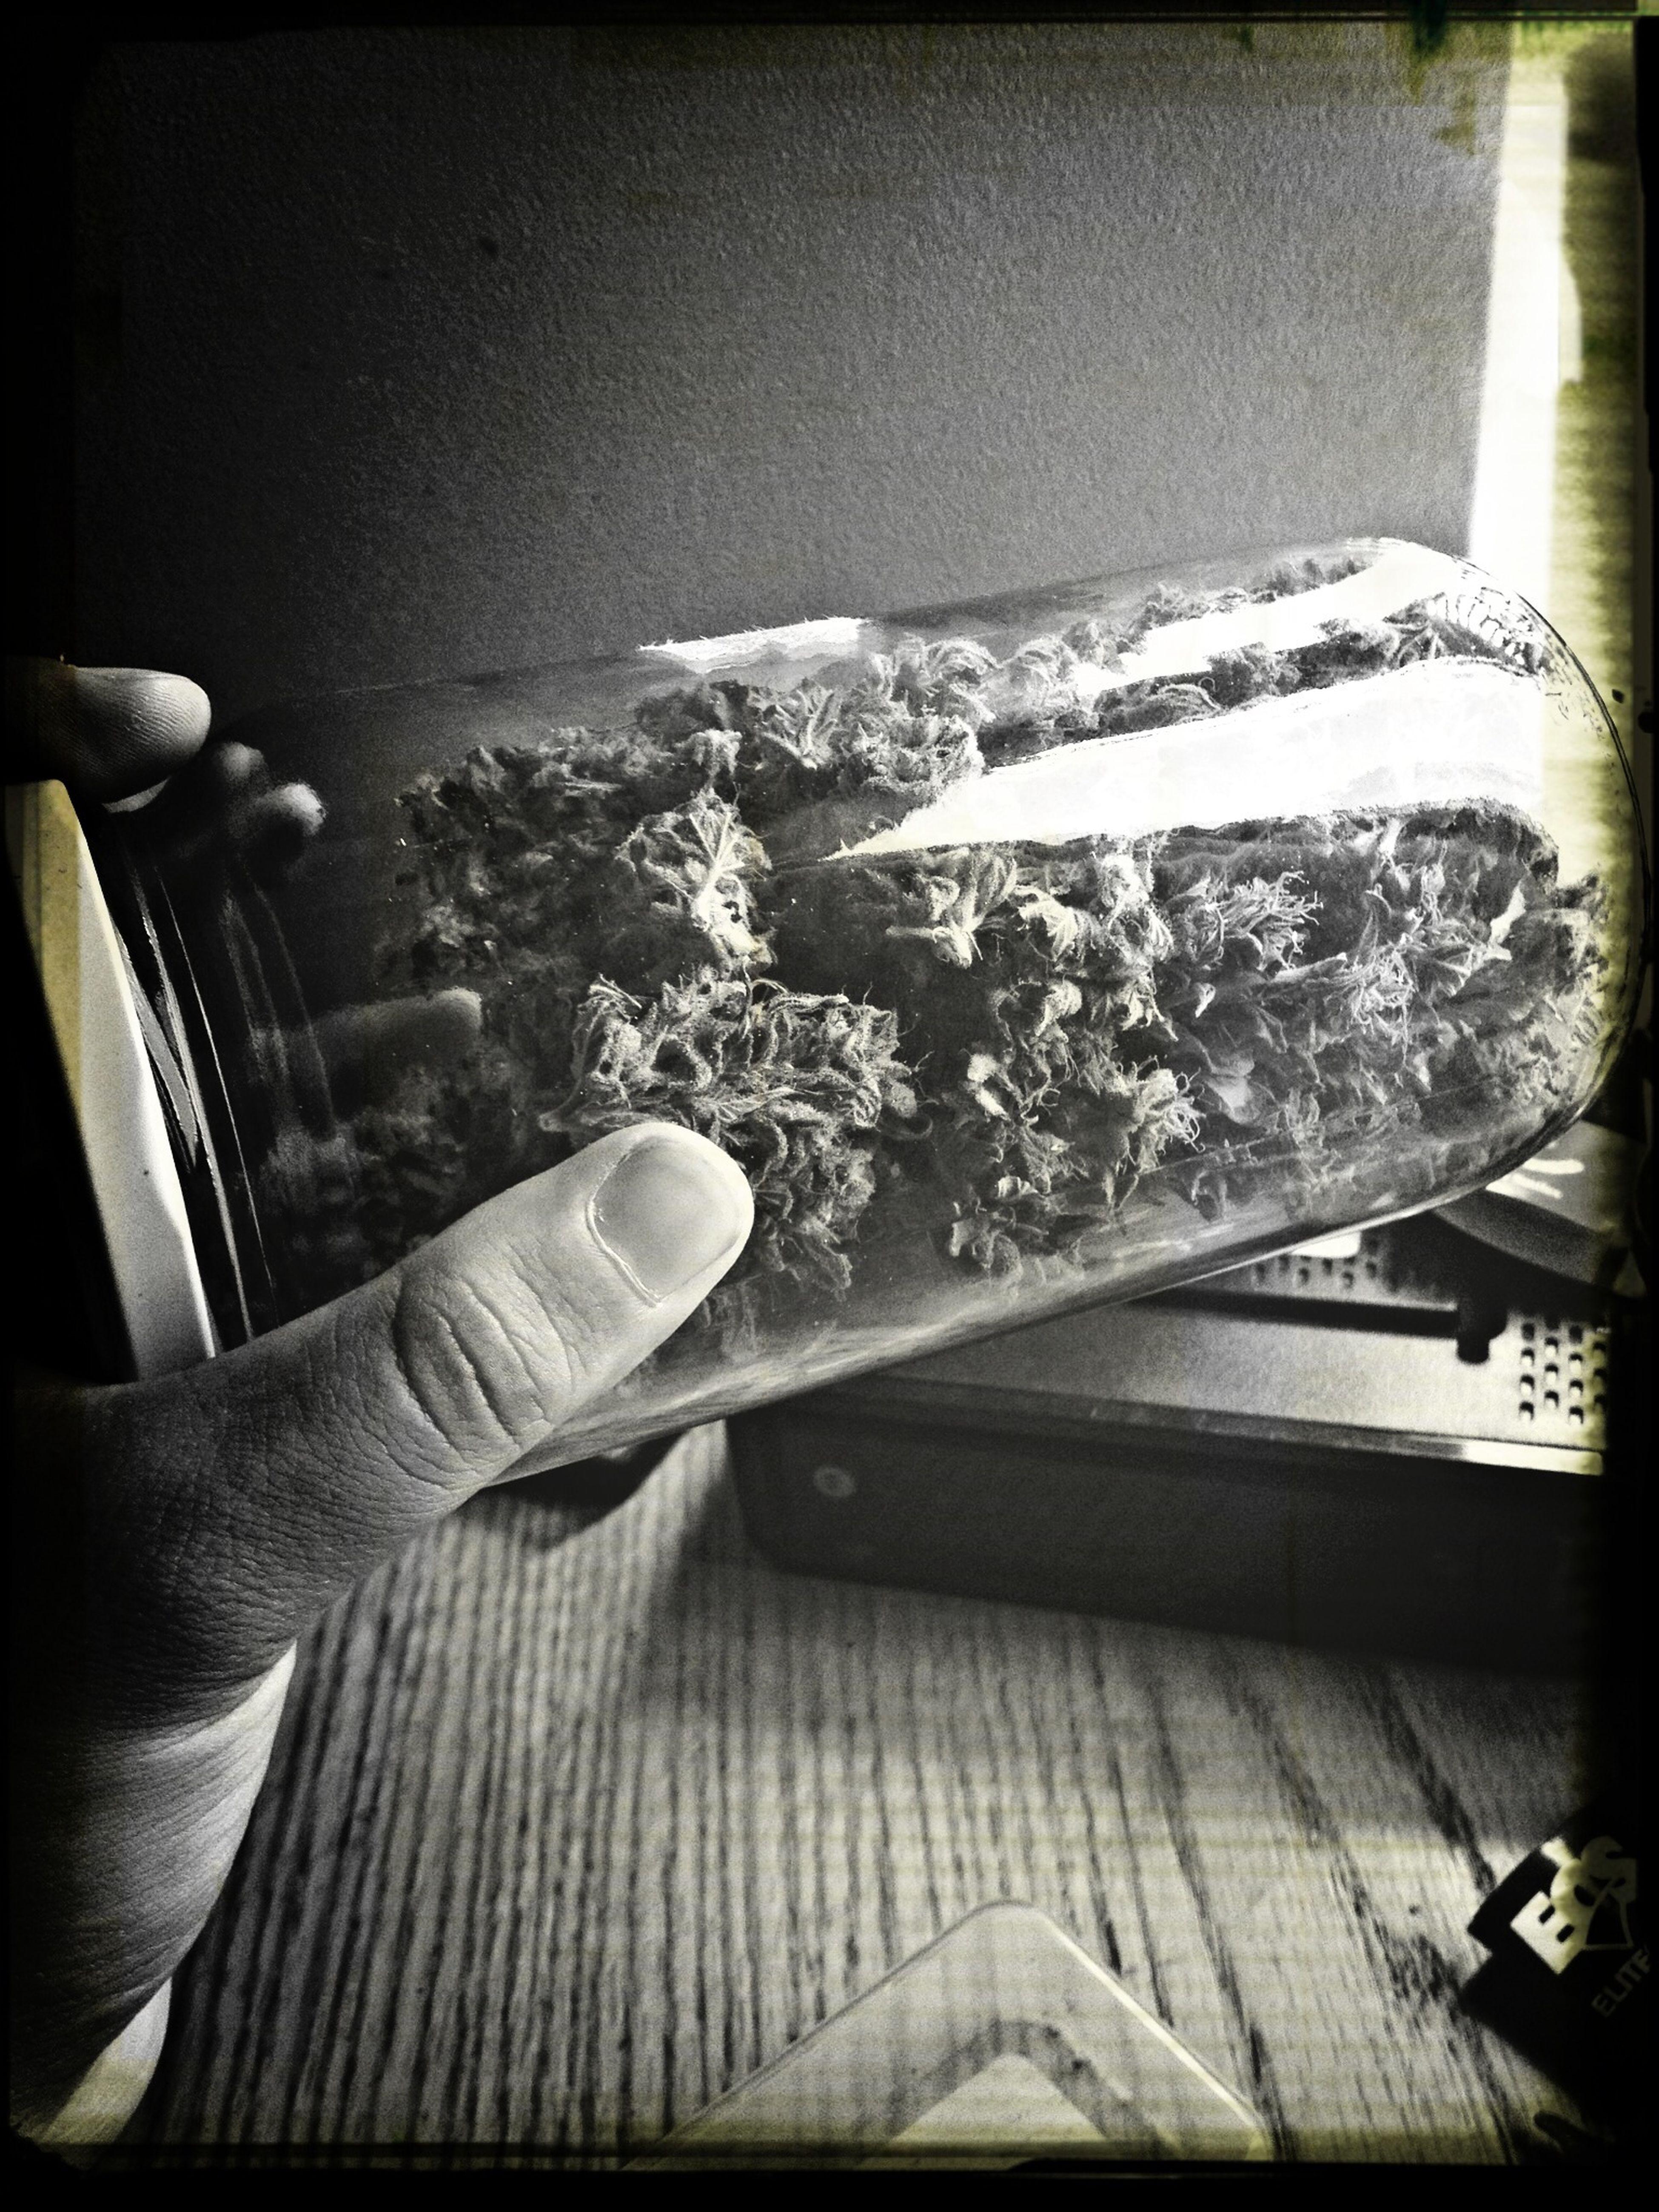 Weed 420 Smoker Marijuana Domina